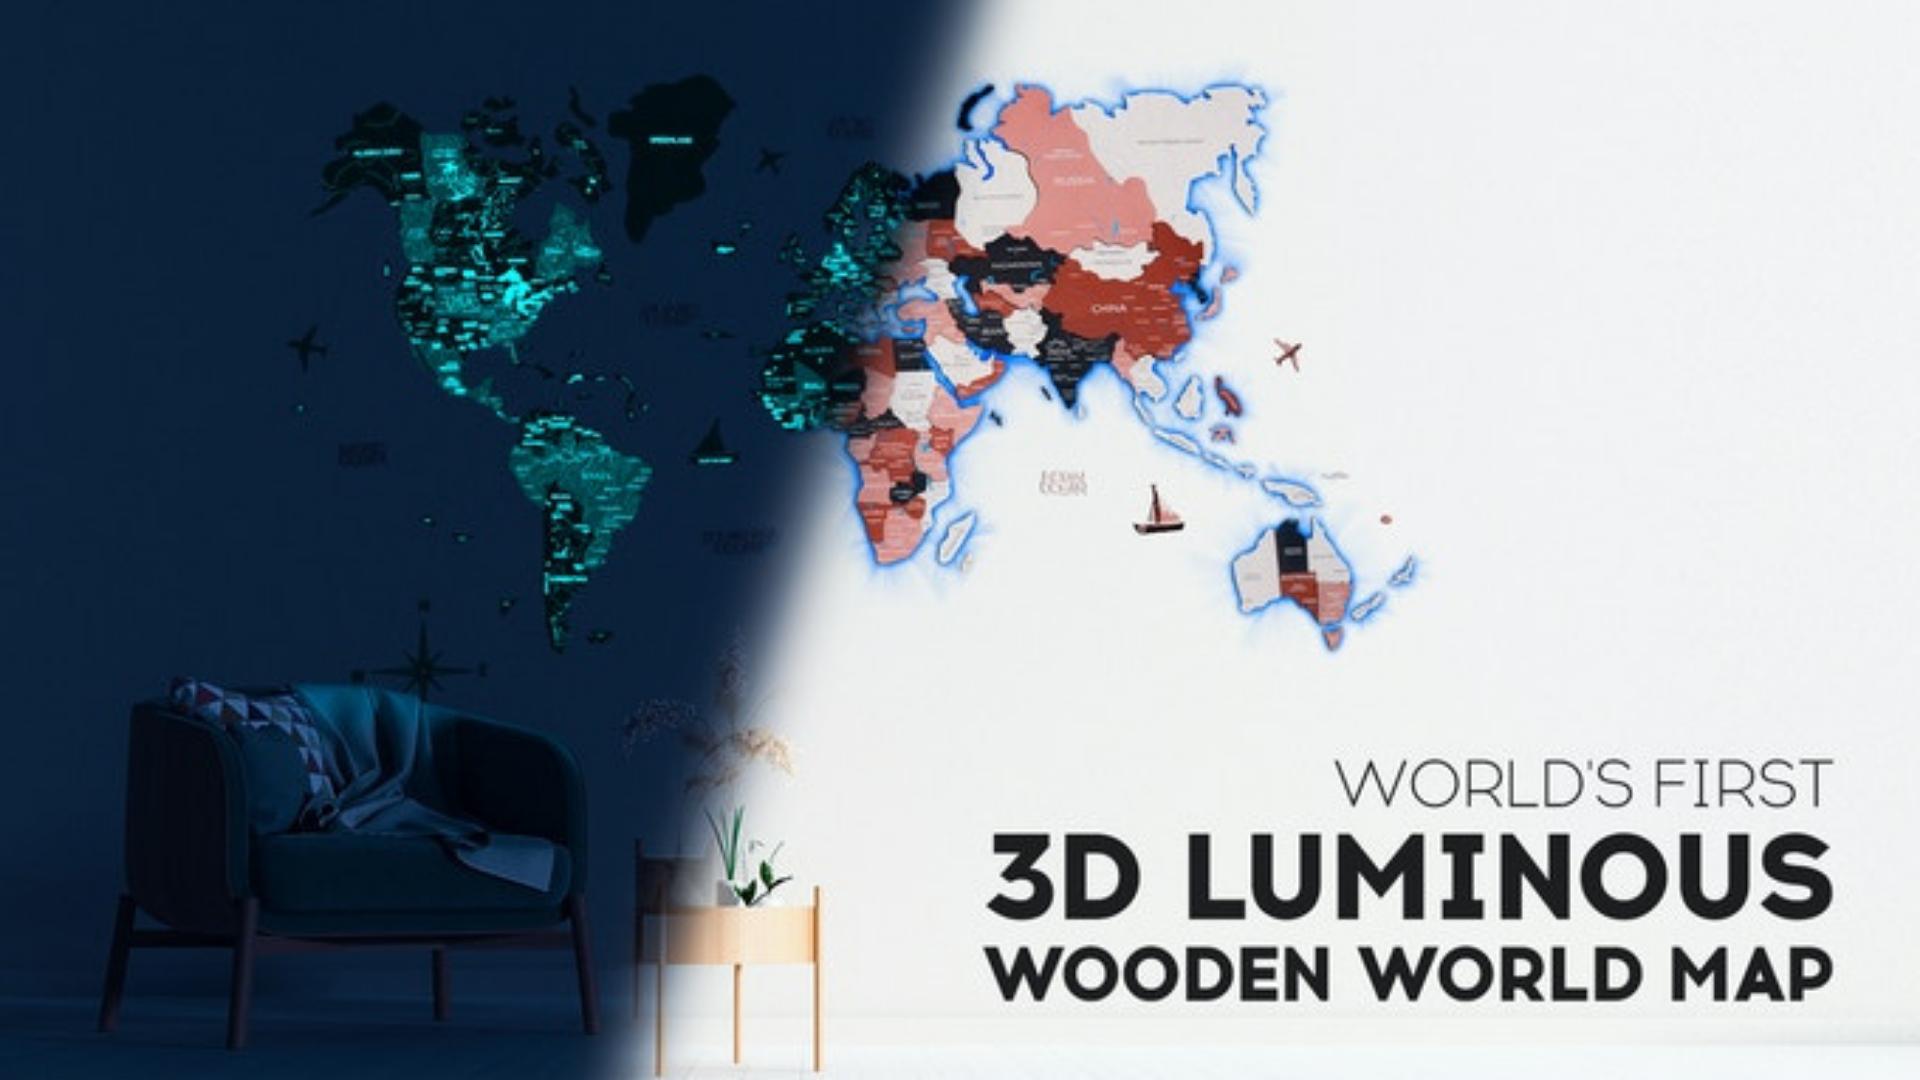 3D Luminous Wooden World Map